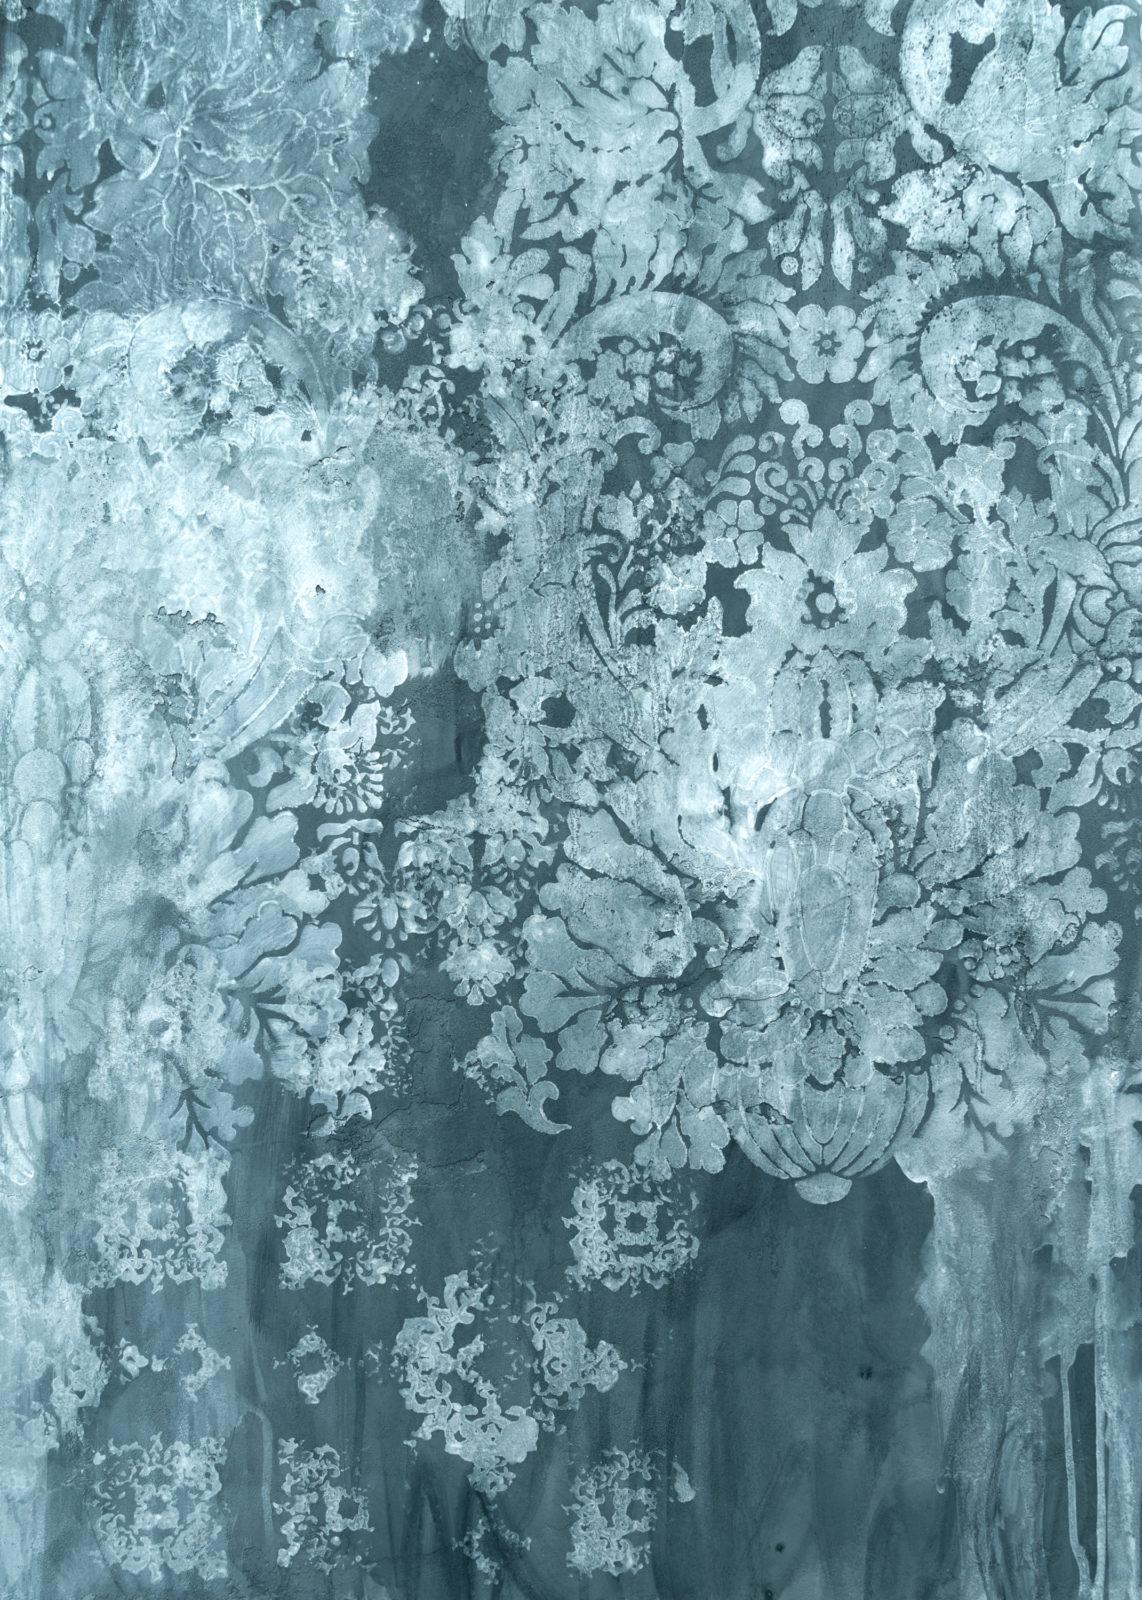 Декоративная авторская фактура, создающая эффект старинной стены, сочетание различных паттернов трафаретов, и подтеков.